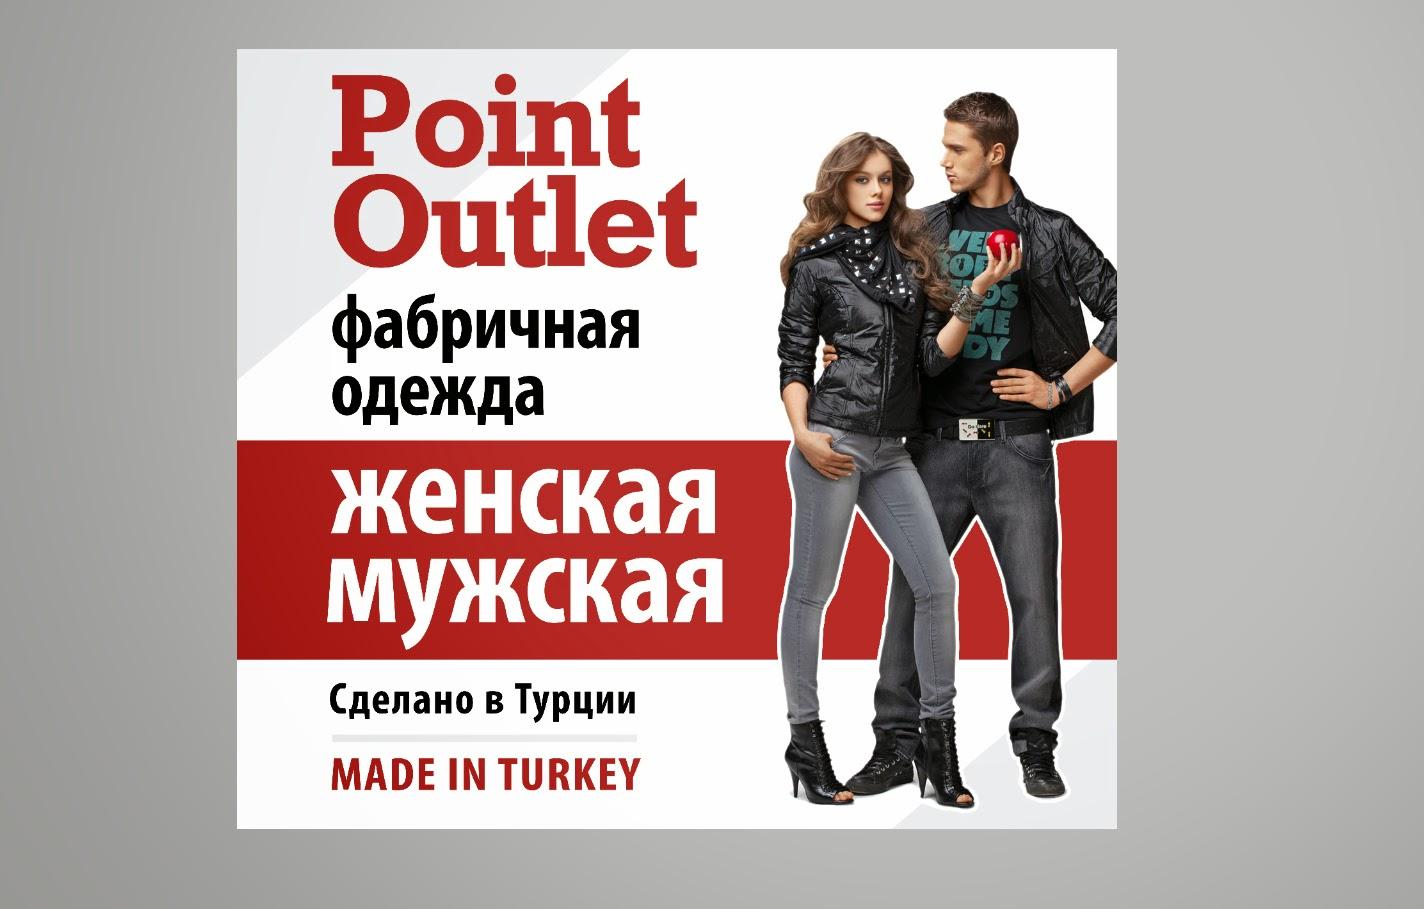 ed17c3a7856e0 Разработка фирменного стиля и макетов для наружной рекламы (магазин женской  и мужской одежды